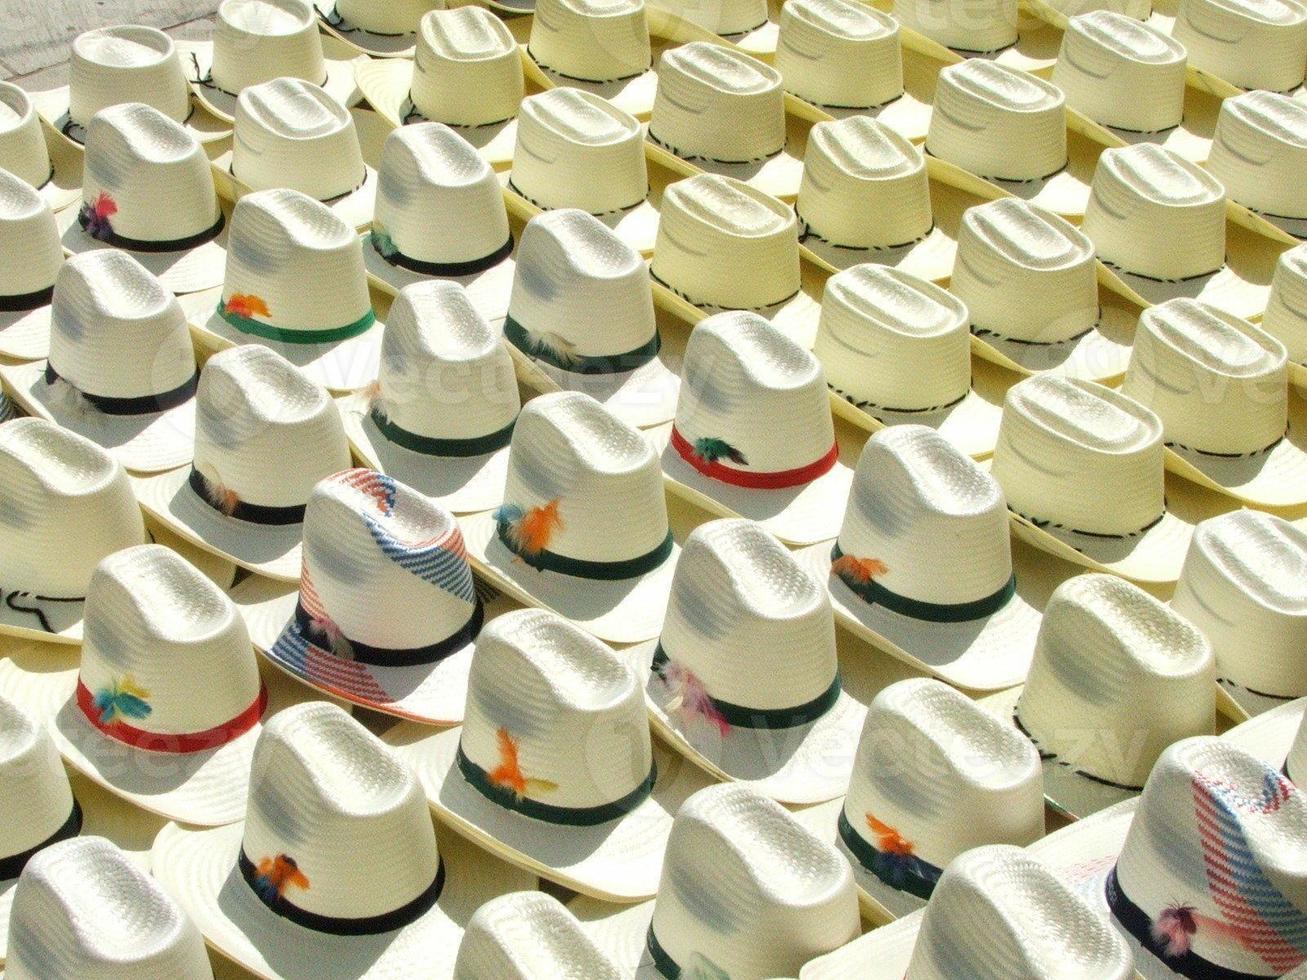 chapéus de stetson foto